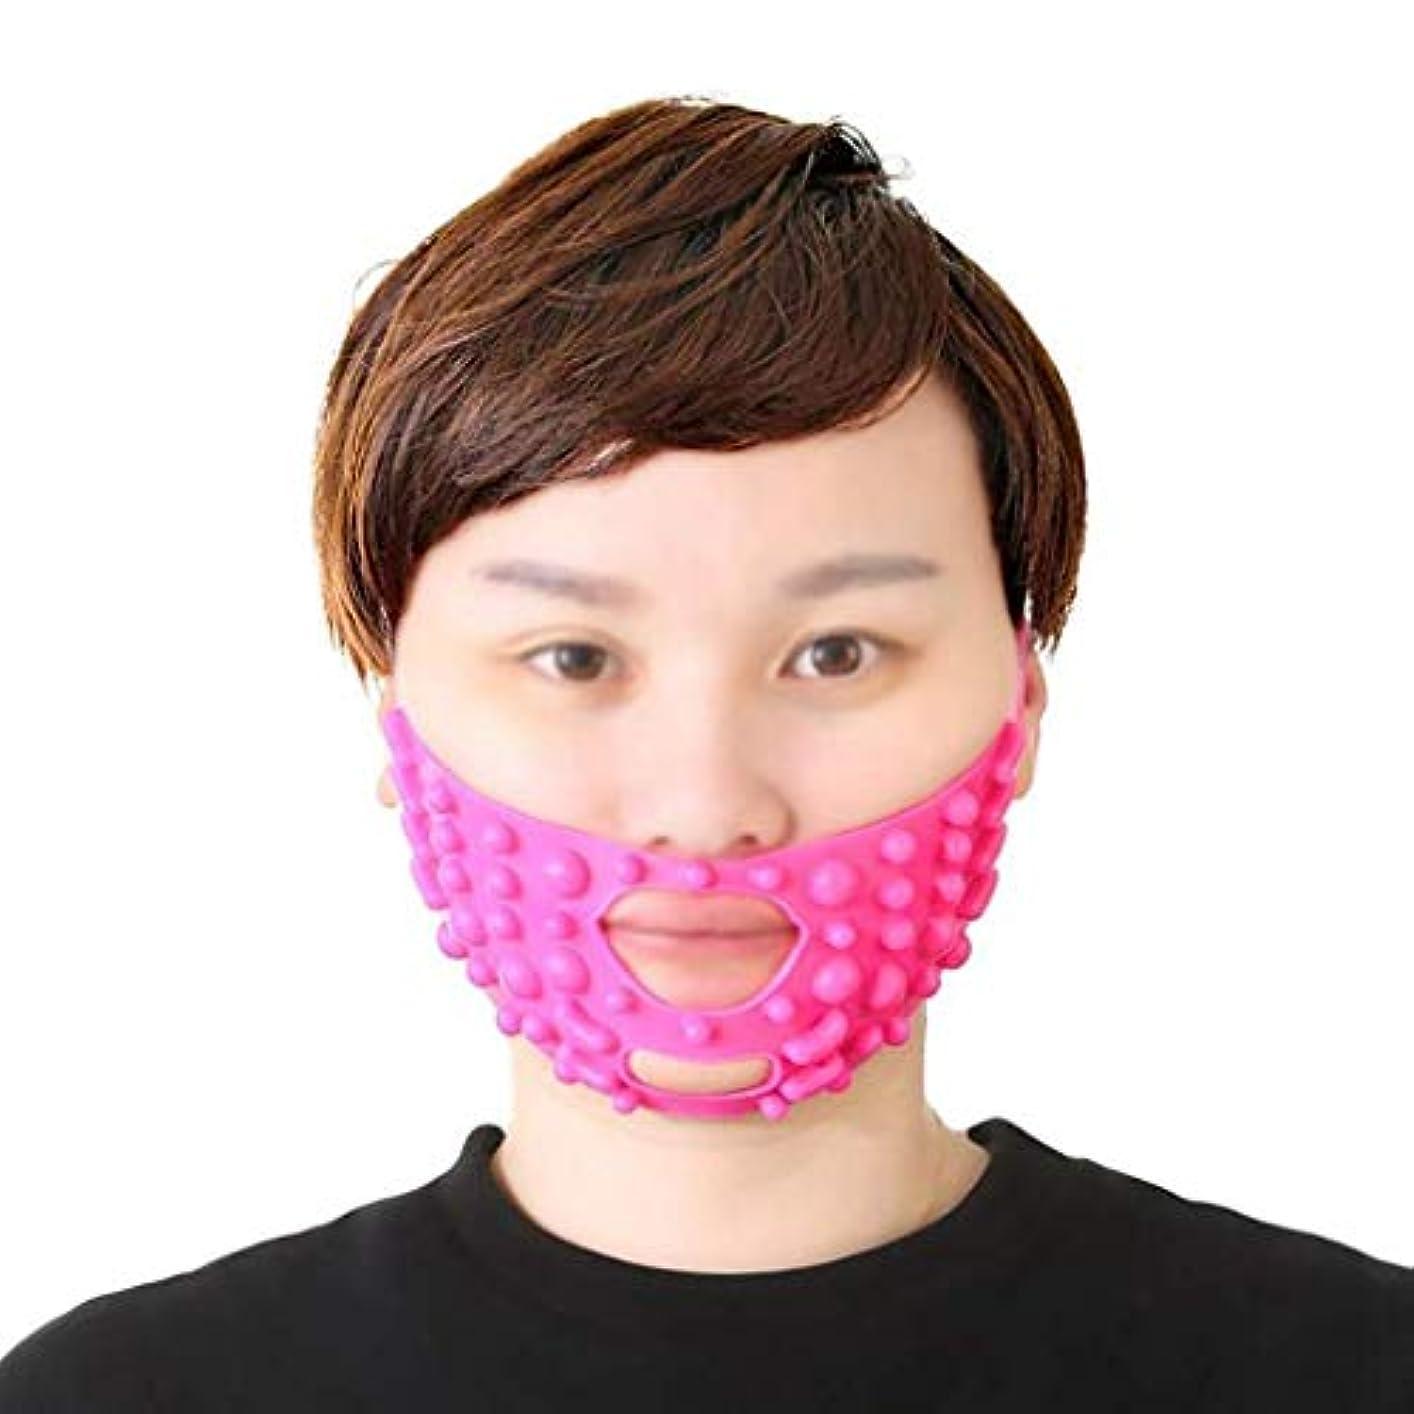 固有の生きている富フェイスリフトマスク、チンストラップシリコーンVフェイスマスクフェイスマスク強力な包帯V顔アーティファクトスモールV顔包帯顔と首リフトピンクシリコーン包帯